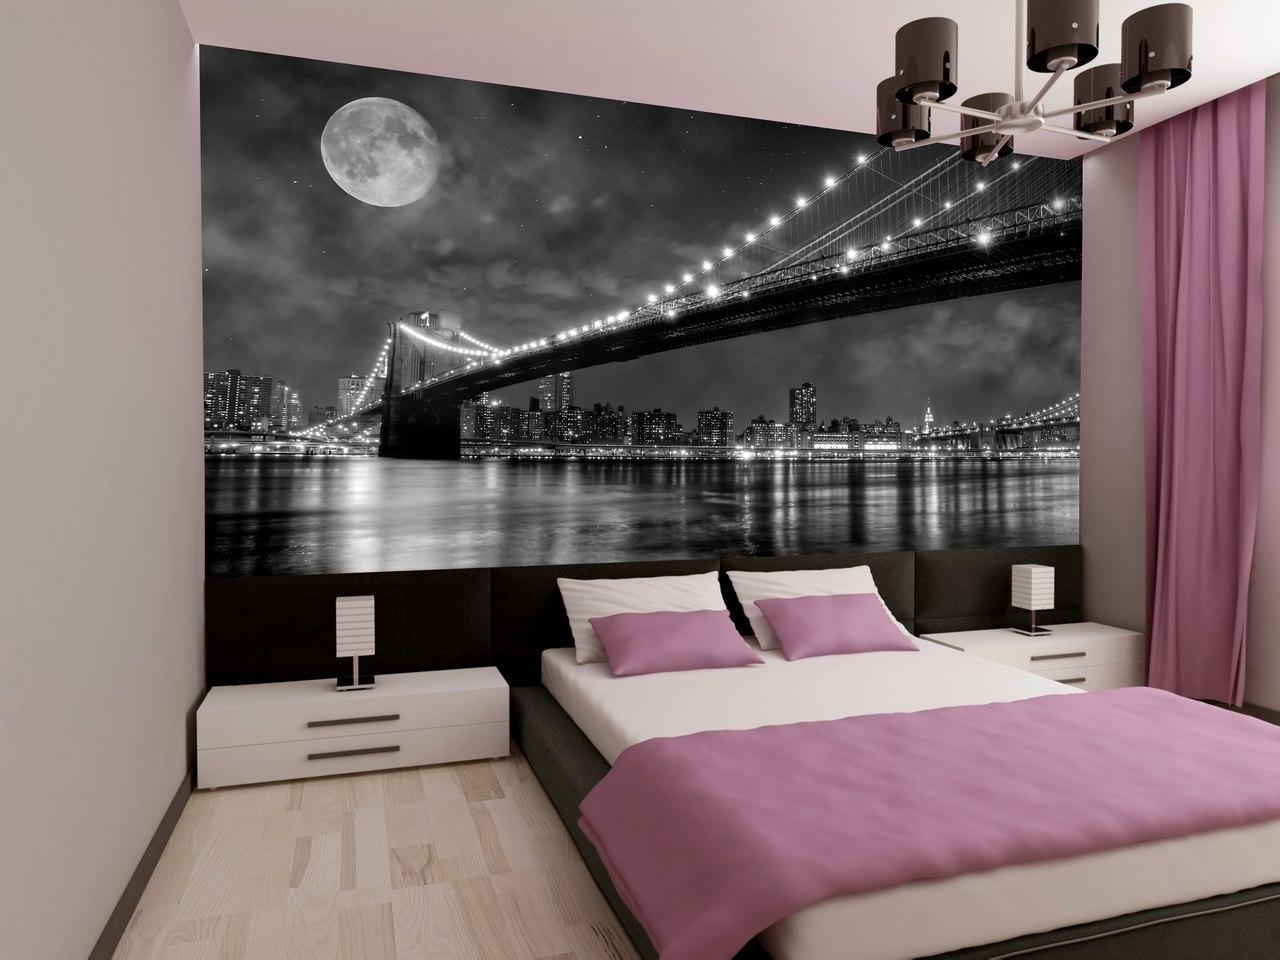 фотообои над кроватью ночноймост в интерьере спальни с розовымы оттенками